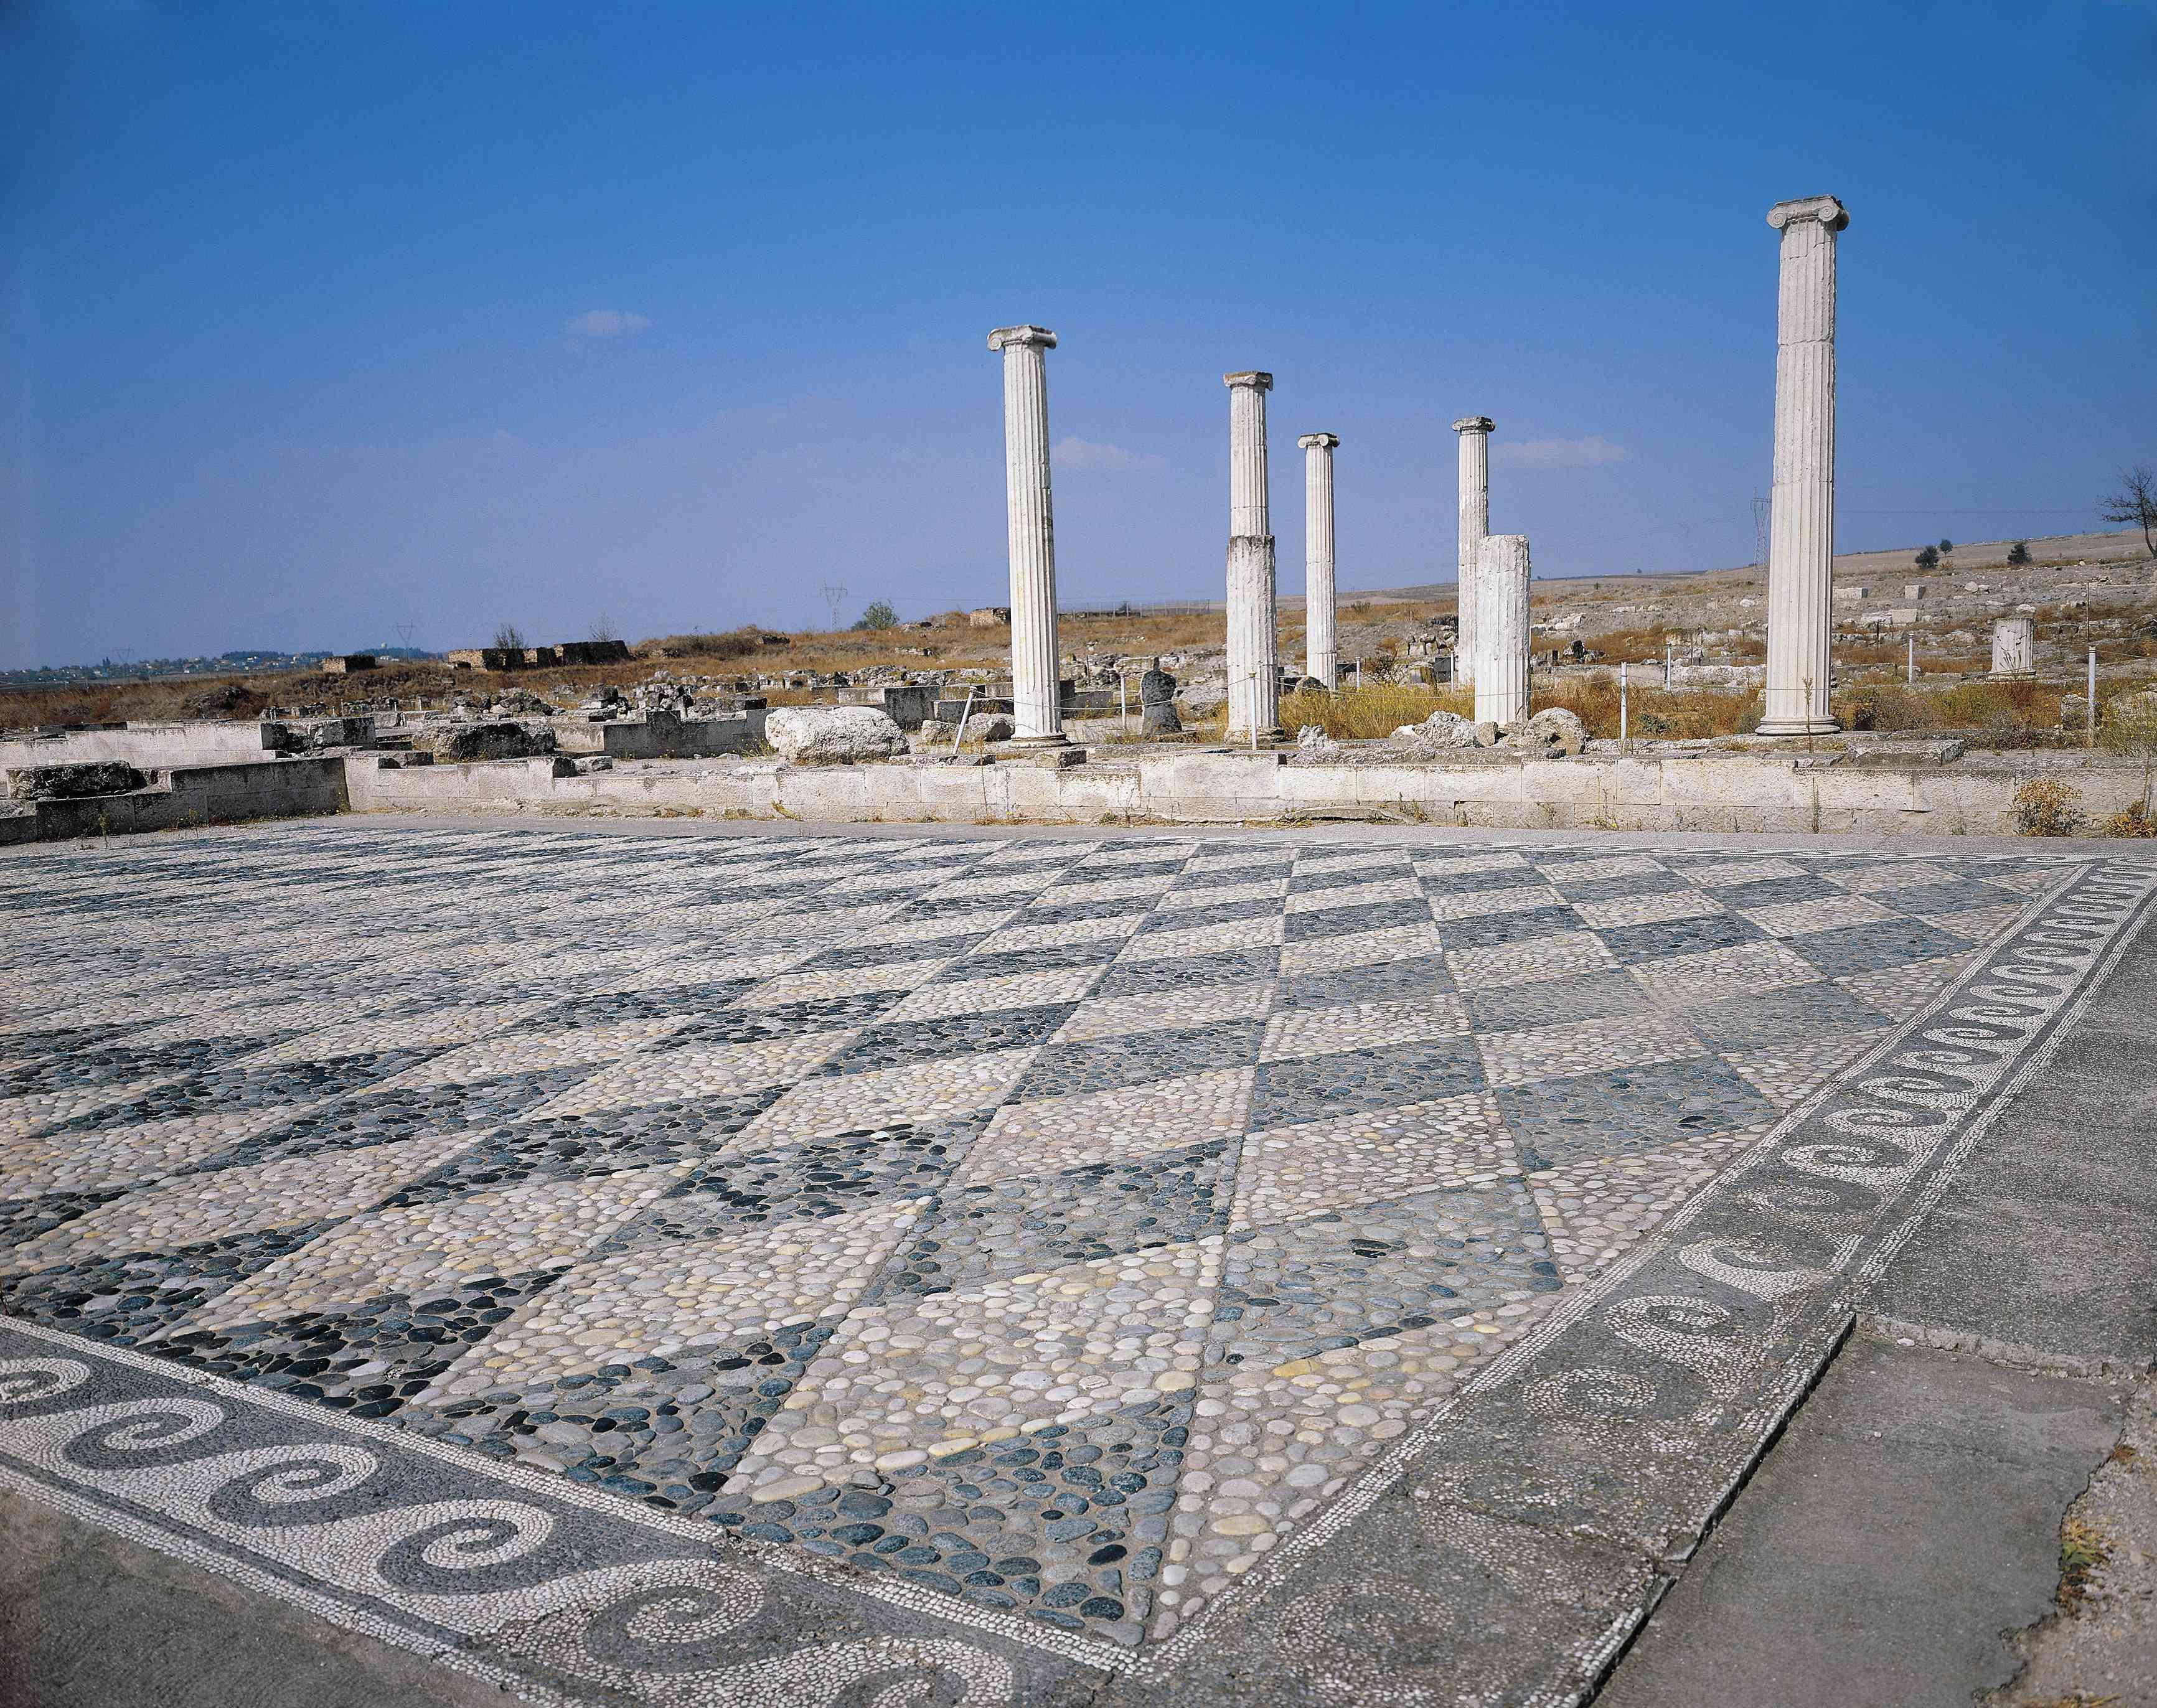 Grecia, Macedonia, Pella, Mosaicos de suelo geométricos en ruinas de la ciudad antigua